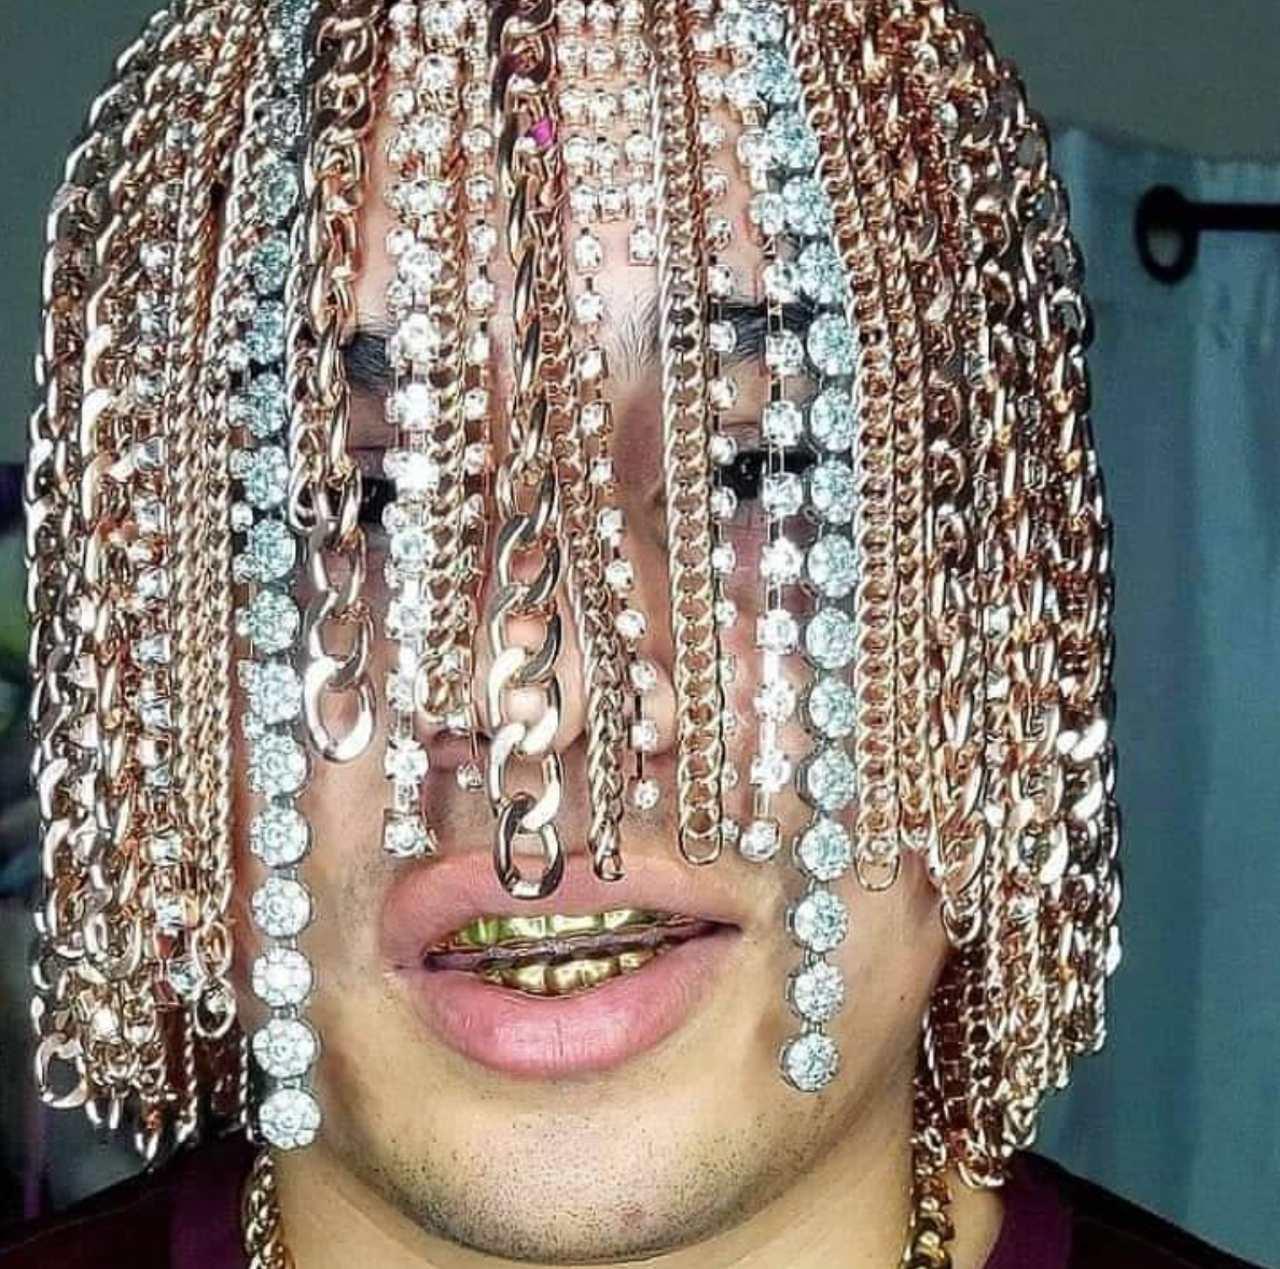 Dan Sur rapero mexicano que se implantó cadenas de oro en el cabello